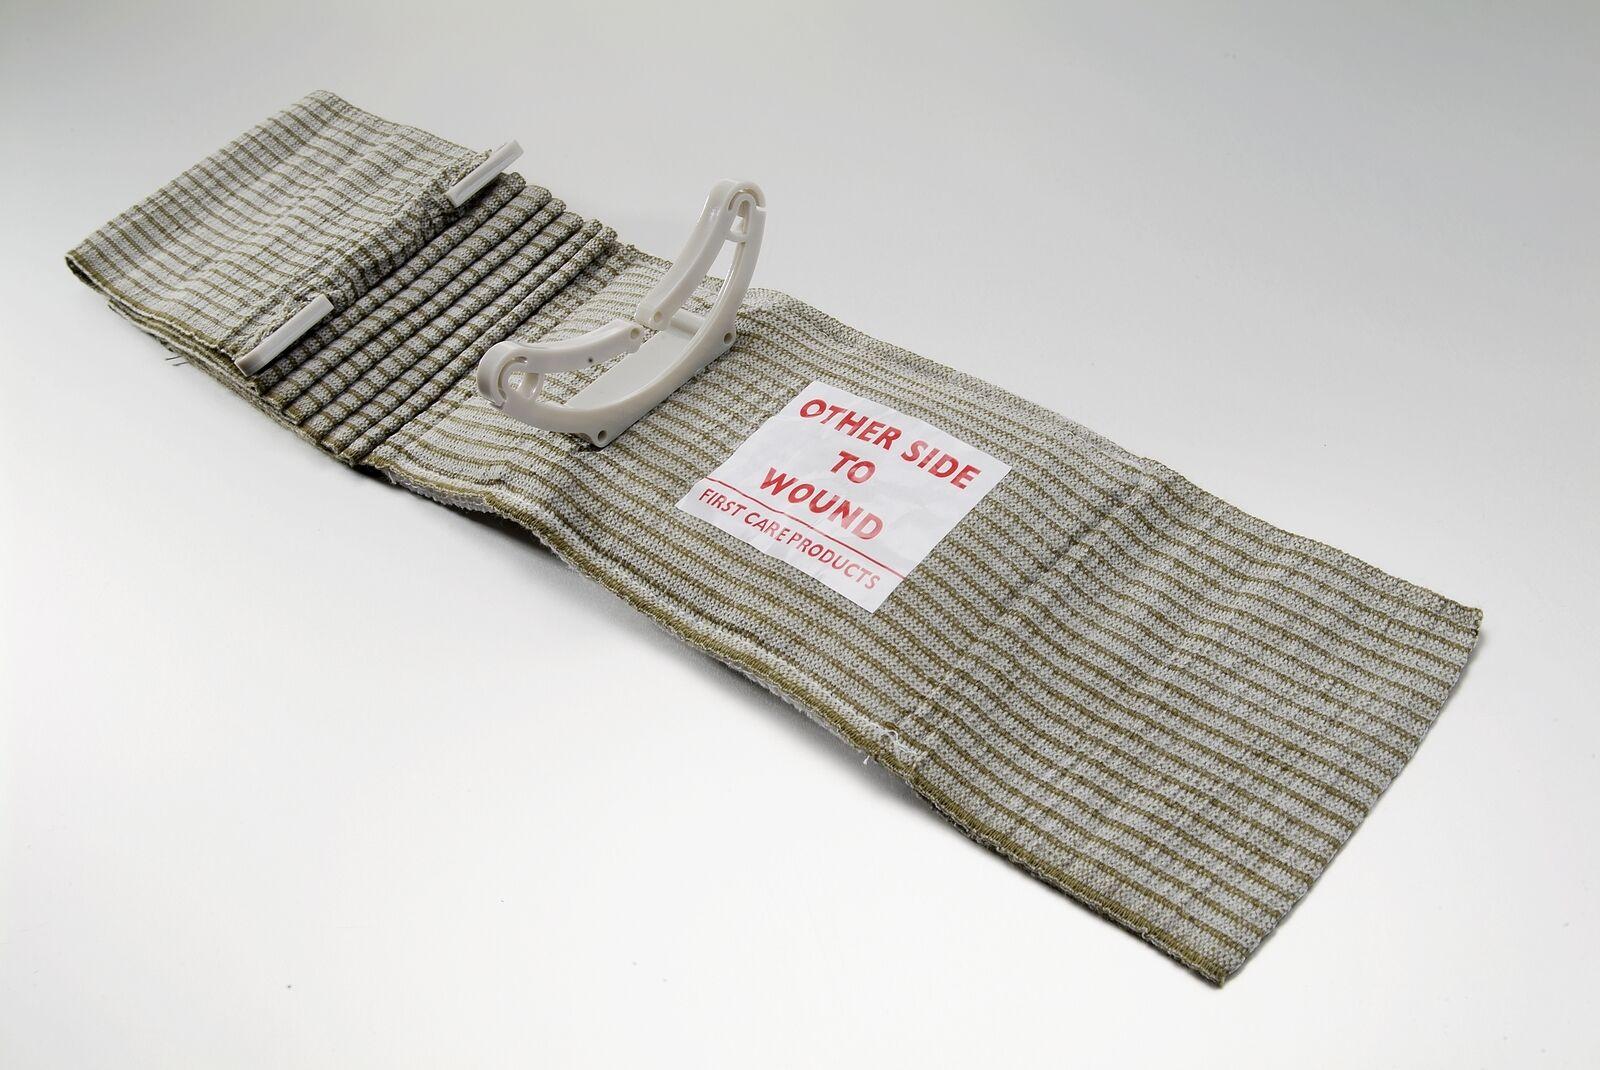 Lot of 20 4  Inch Israeli Compression Bandage IFAK EMT EMS Emergency Dressings